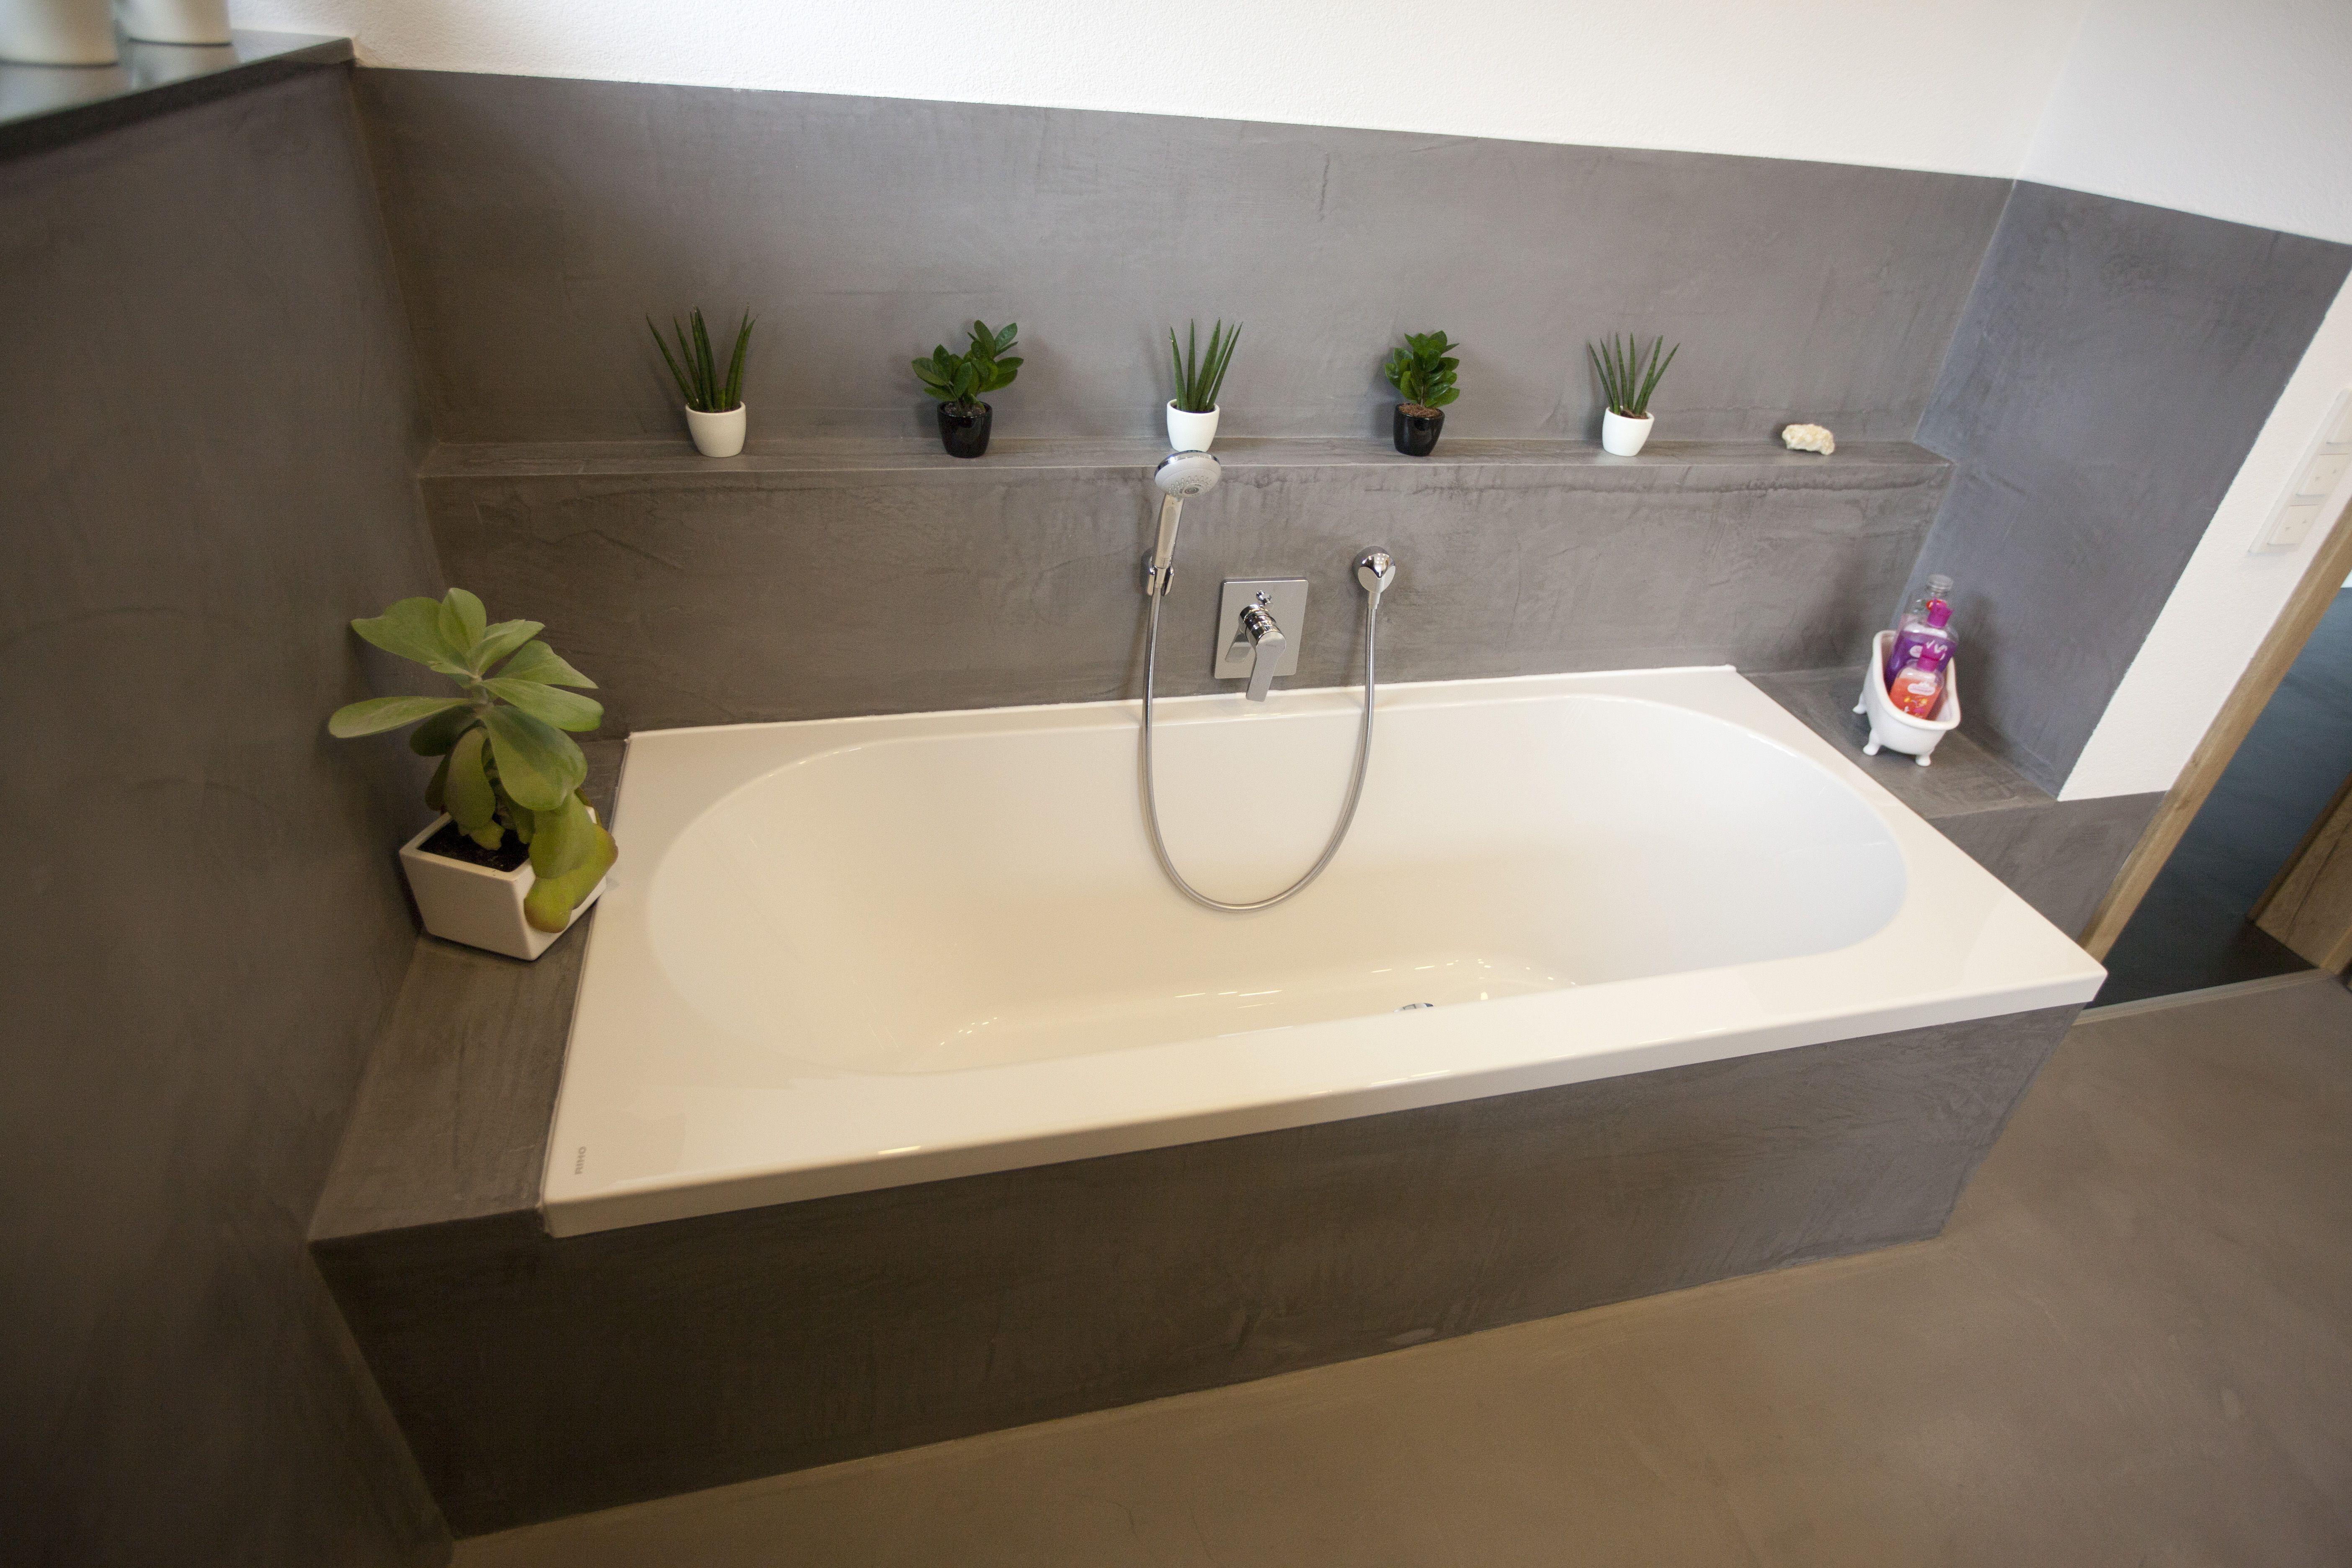 10 Fugenloses Bad Komplett Ohne Fliesen Mit Dracholin Cosmato Eintagamsee Fugenloses Bad Badezimmer Badezimmerideen